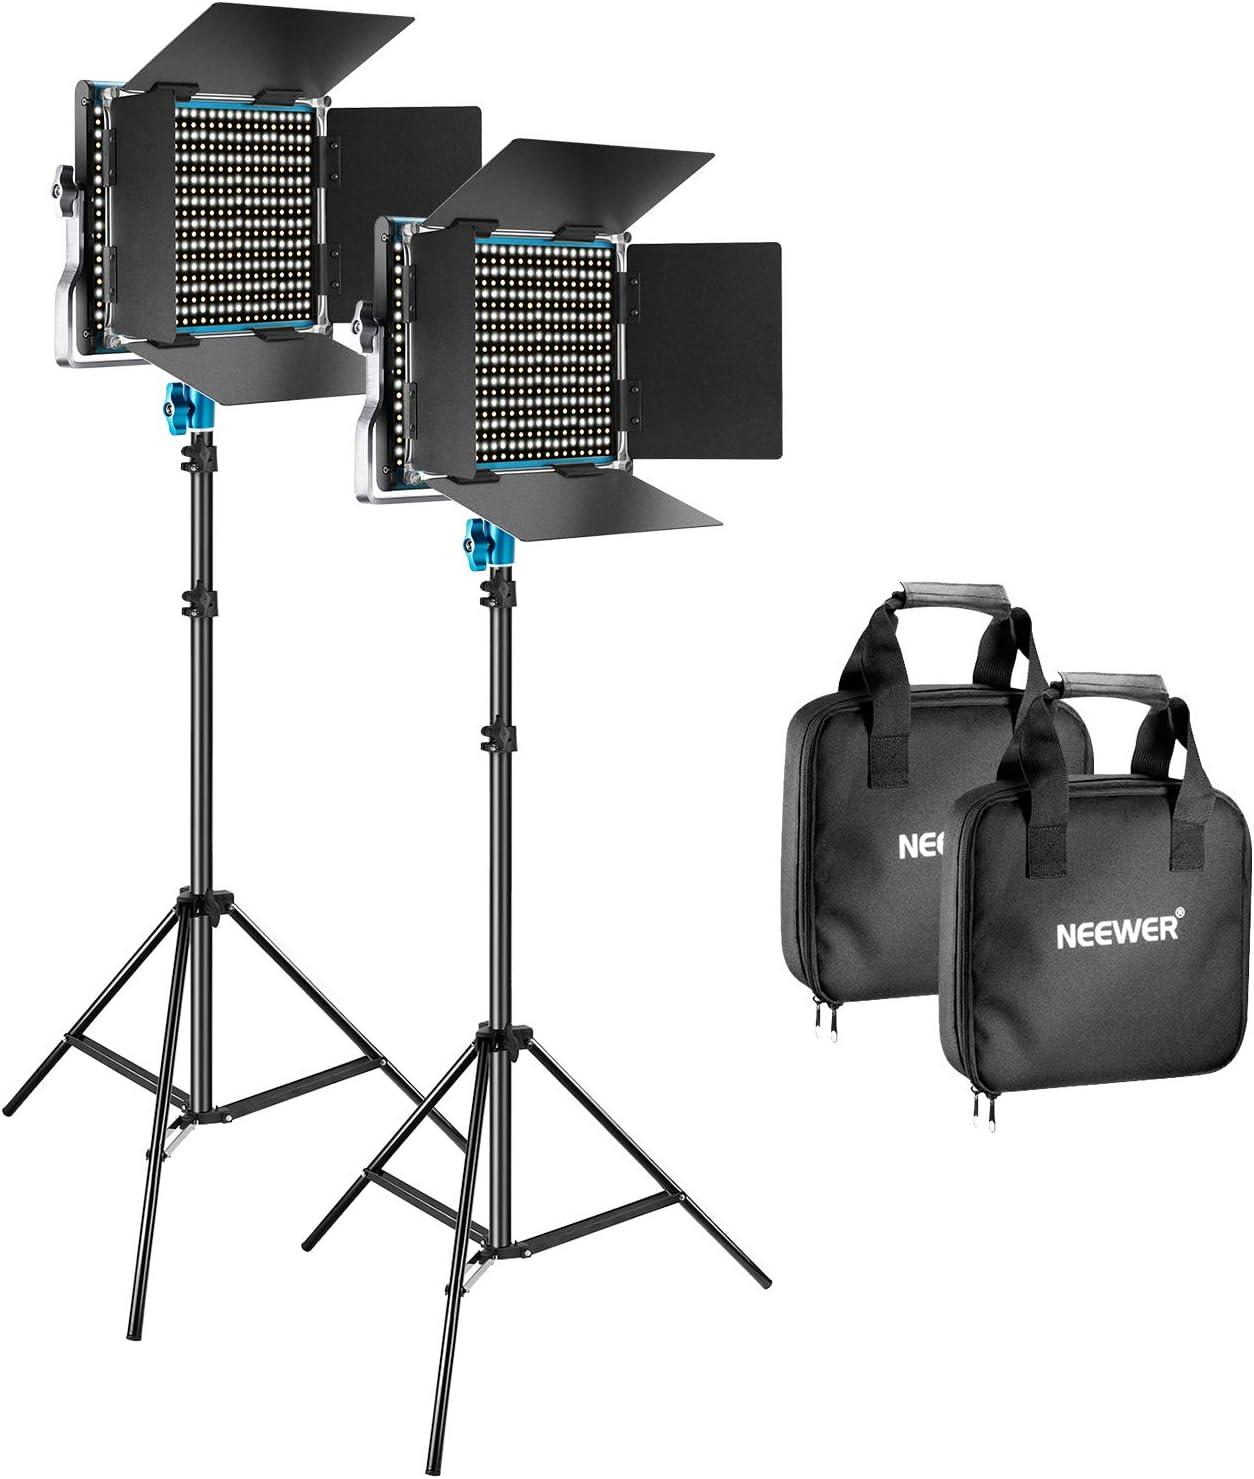 Neewer 2 Packs 660 LED Luz Video y Fotografía Soporte Kit Iluminación Panel LED Intensidad Regulable (3200-5600K, CRI 96+, Azul) con Soporte Luz Servicio Pesado para Estudio Retratos